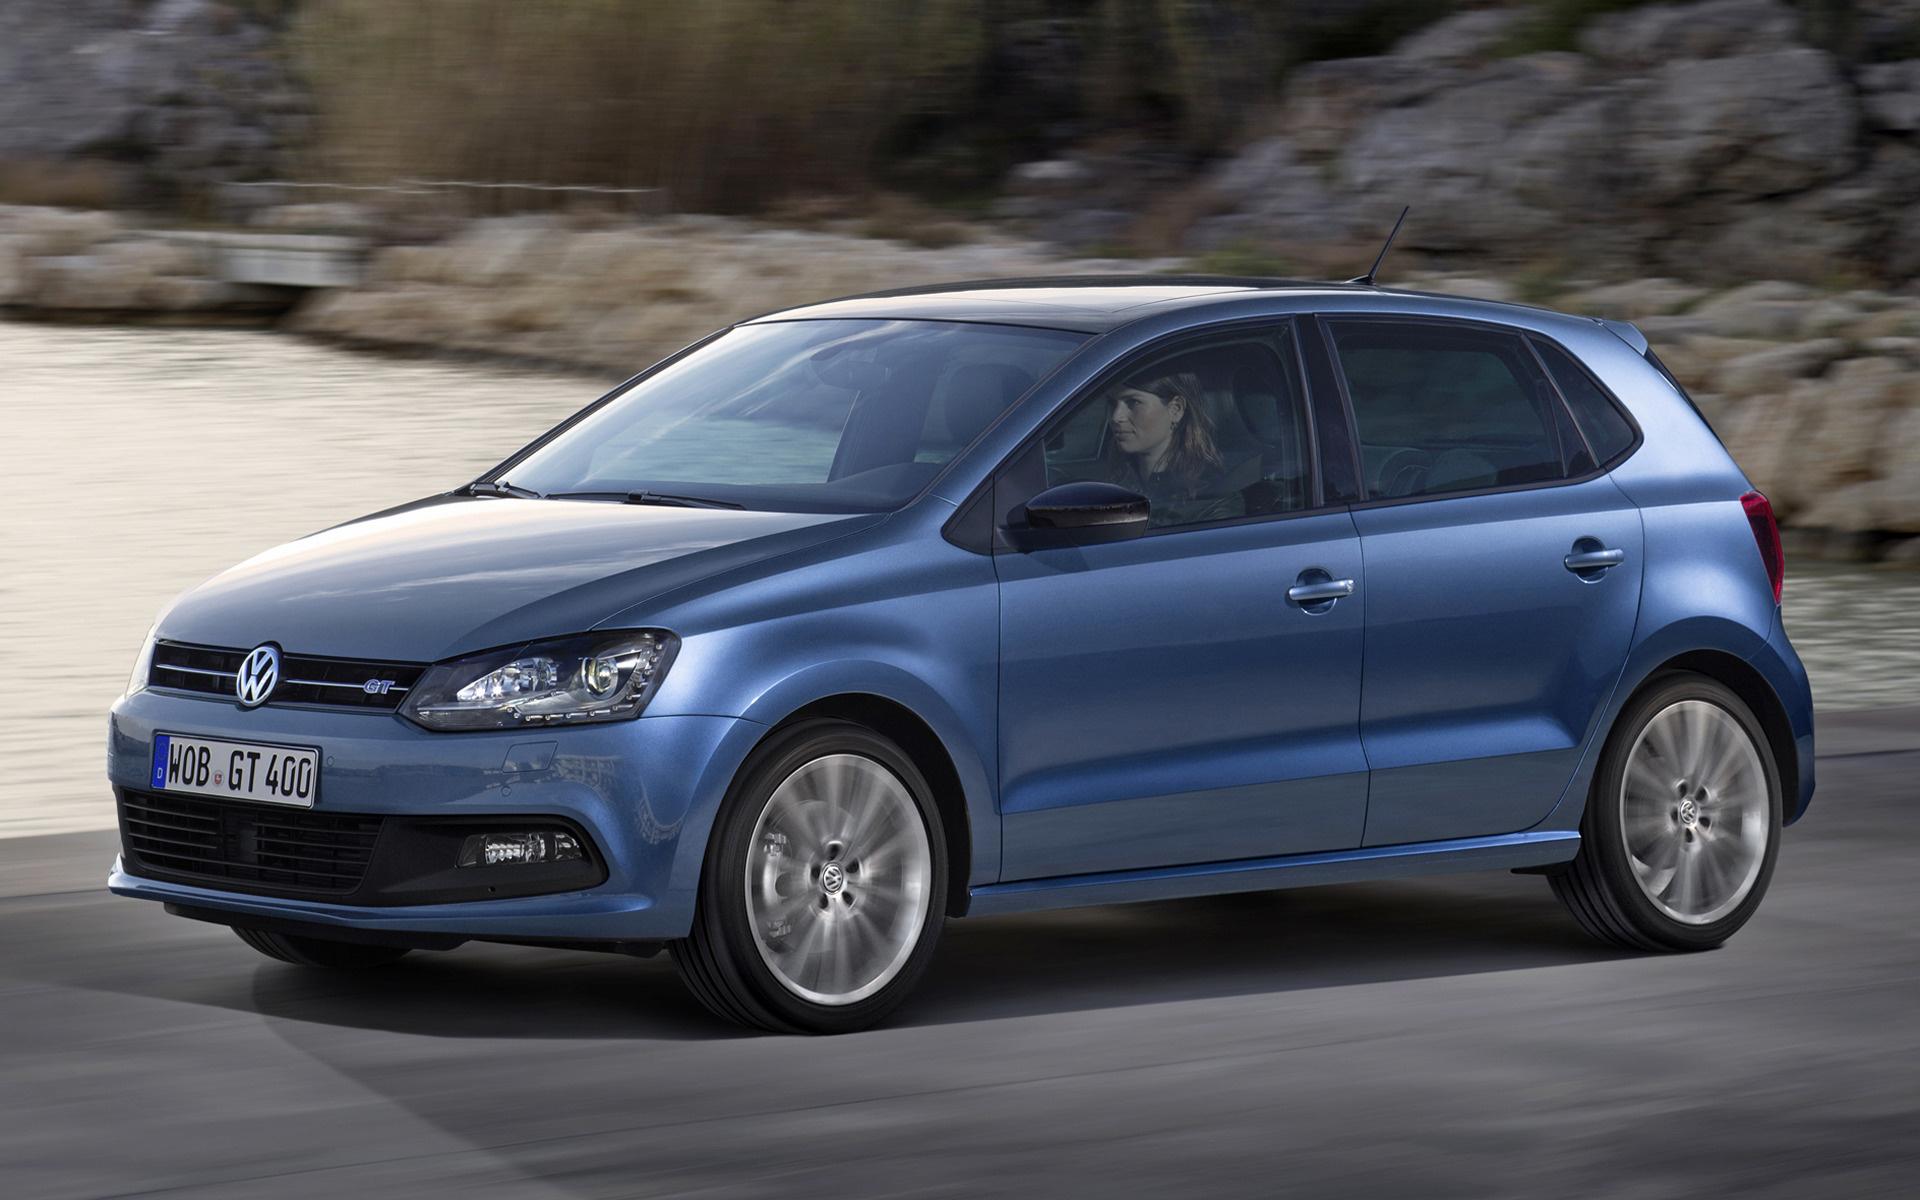 Volkswagen Polo Bluegt 5 Door 2014 Wallpapers And Hd